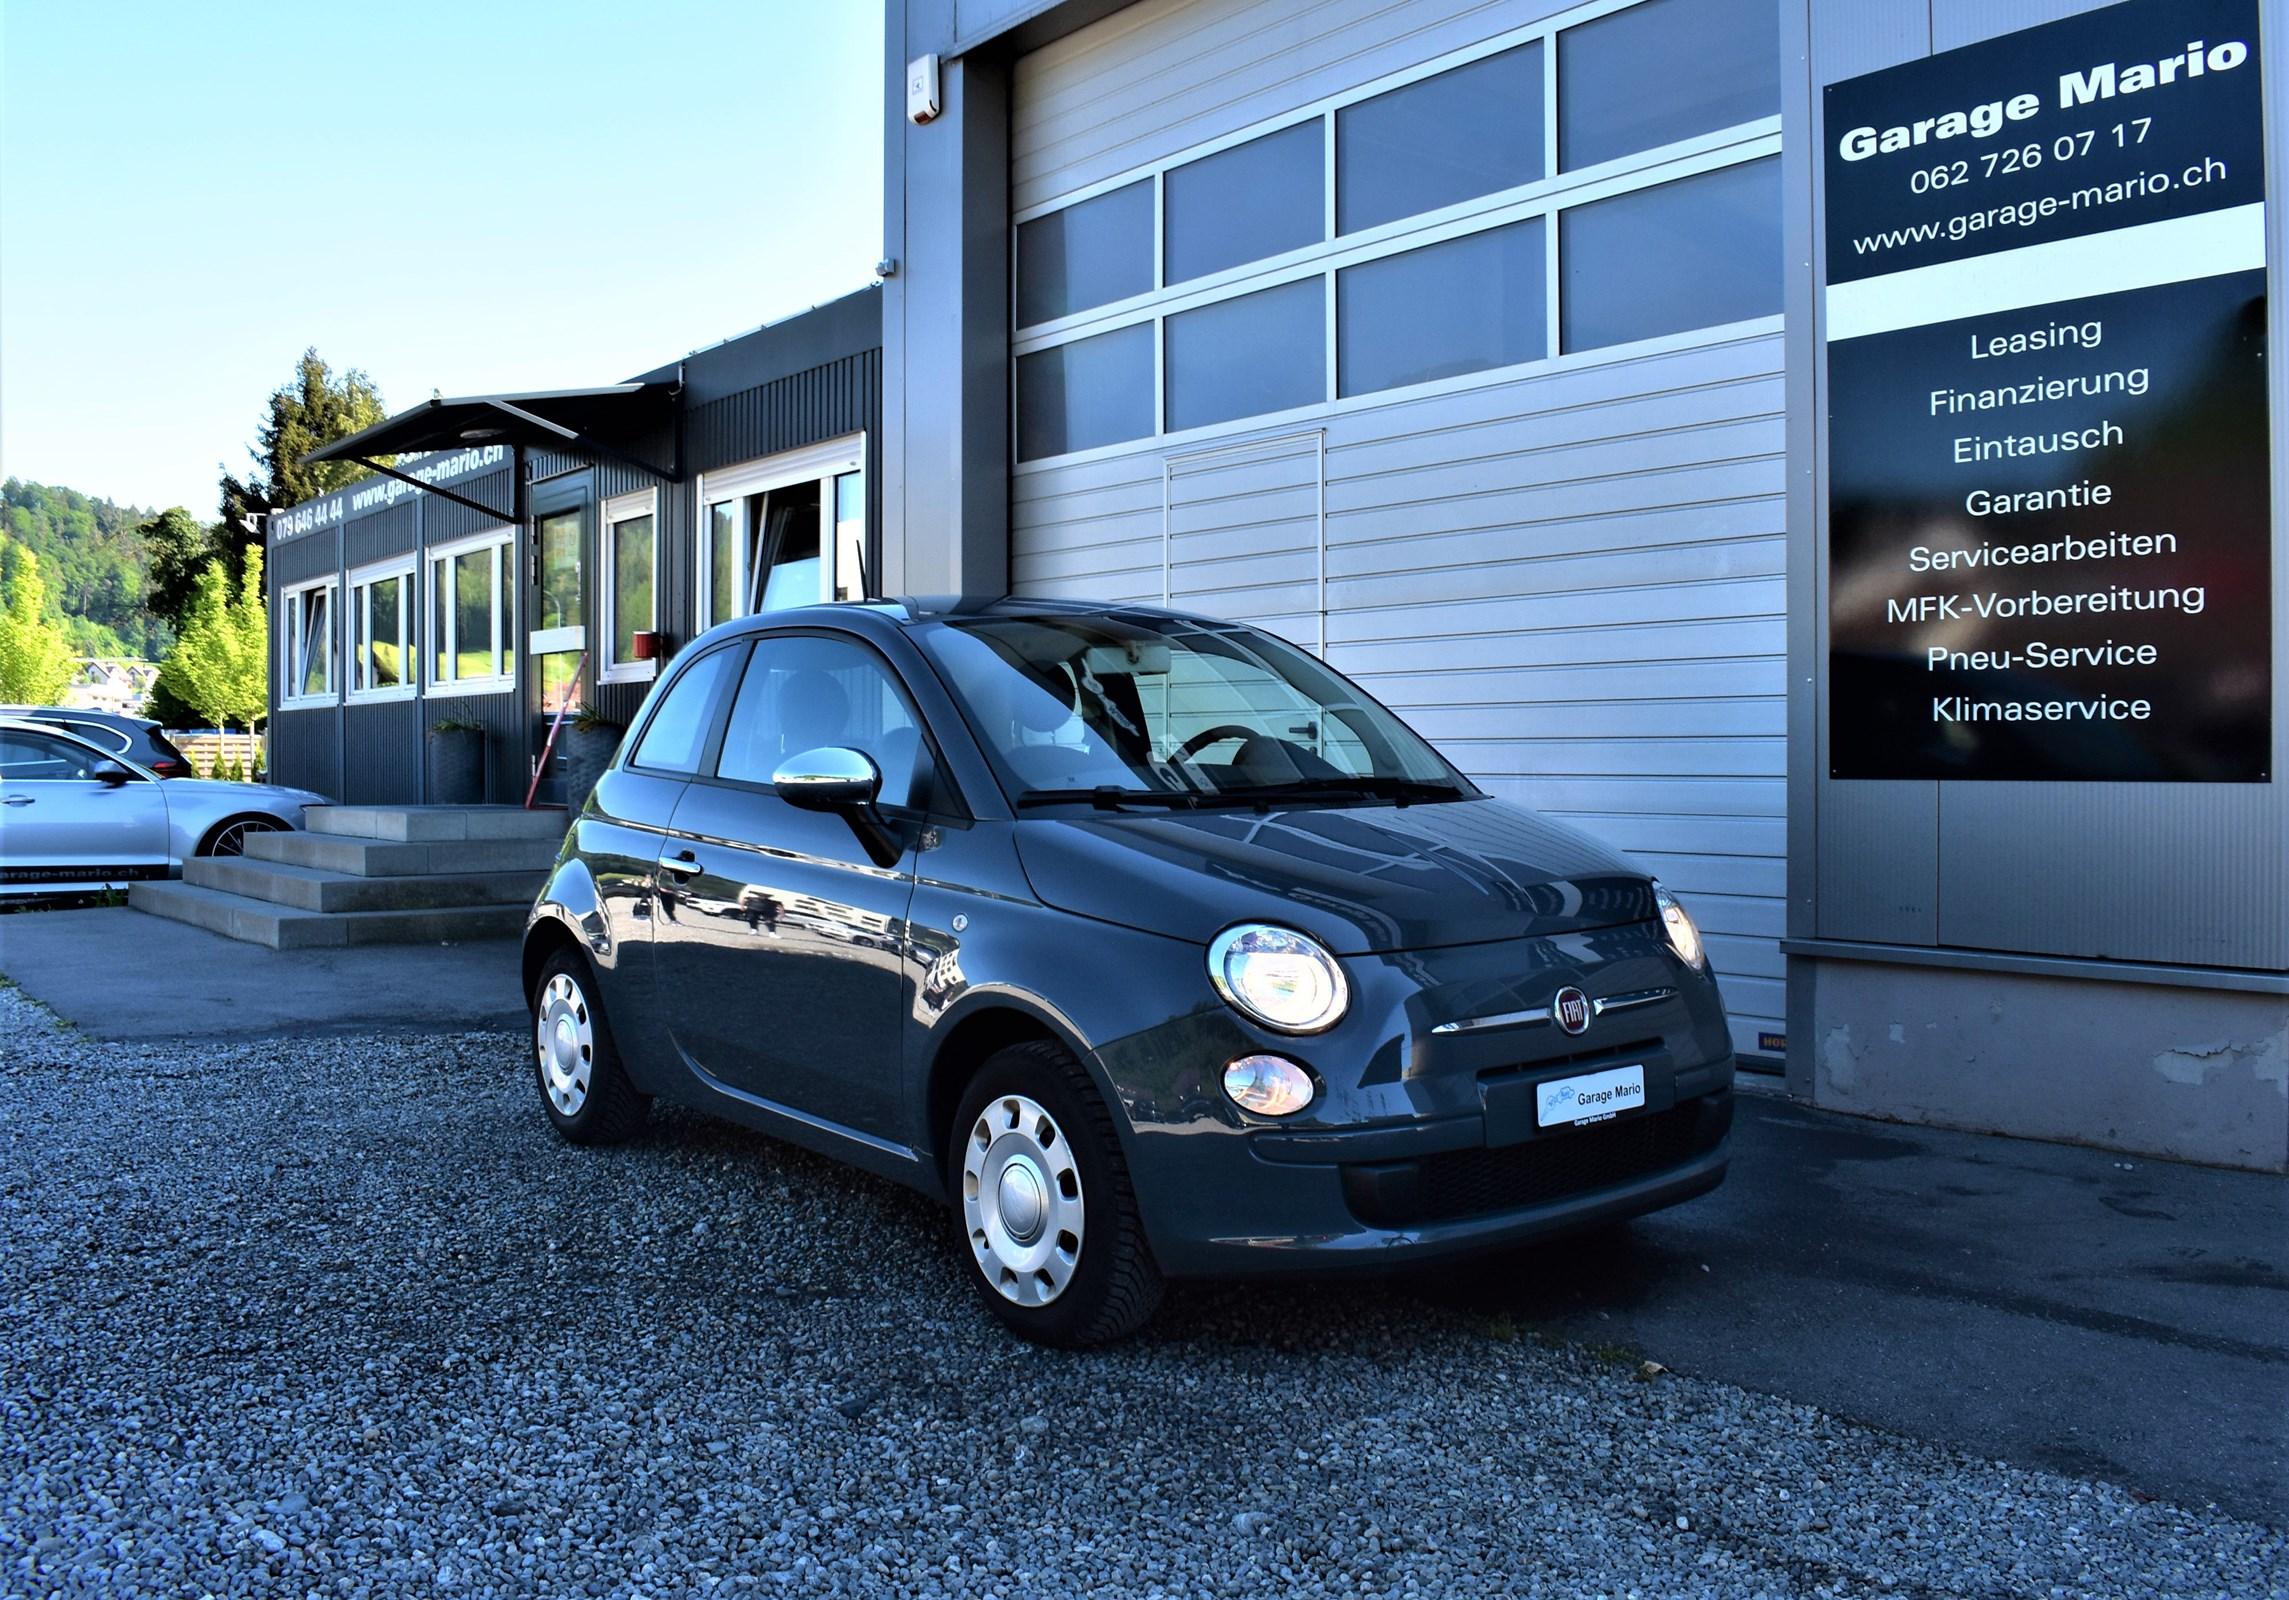 Buy Sedan Fiat 500 1.2 Pop On Carforyou.ch